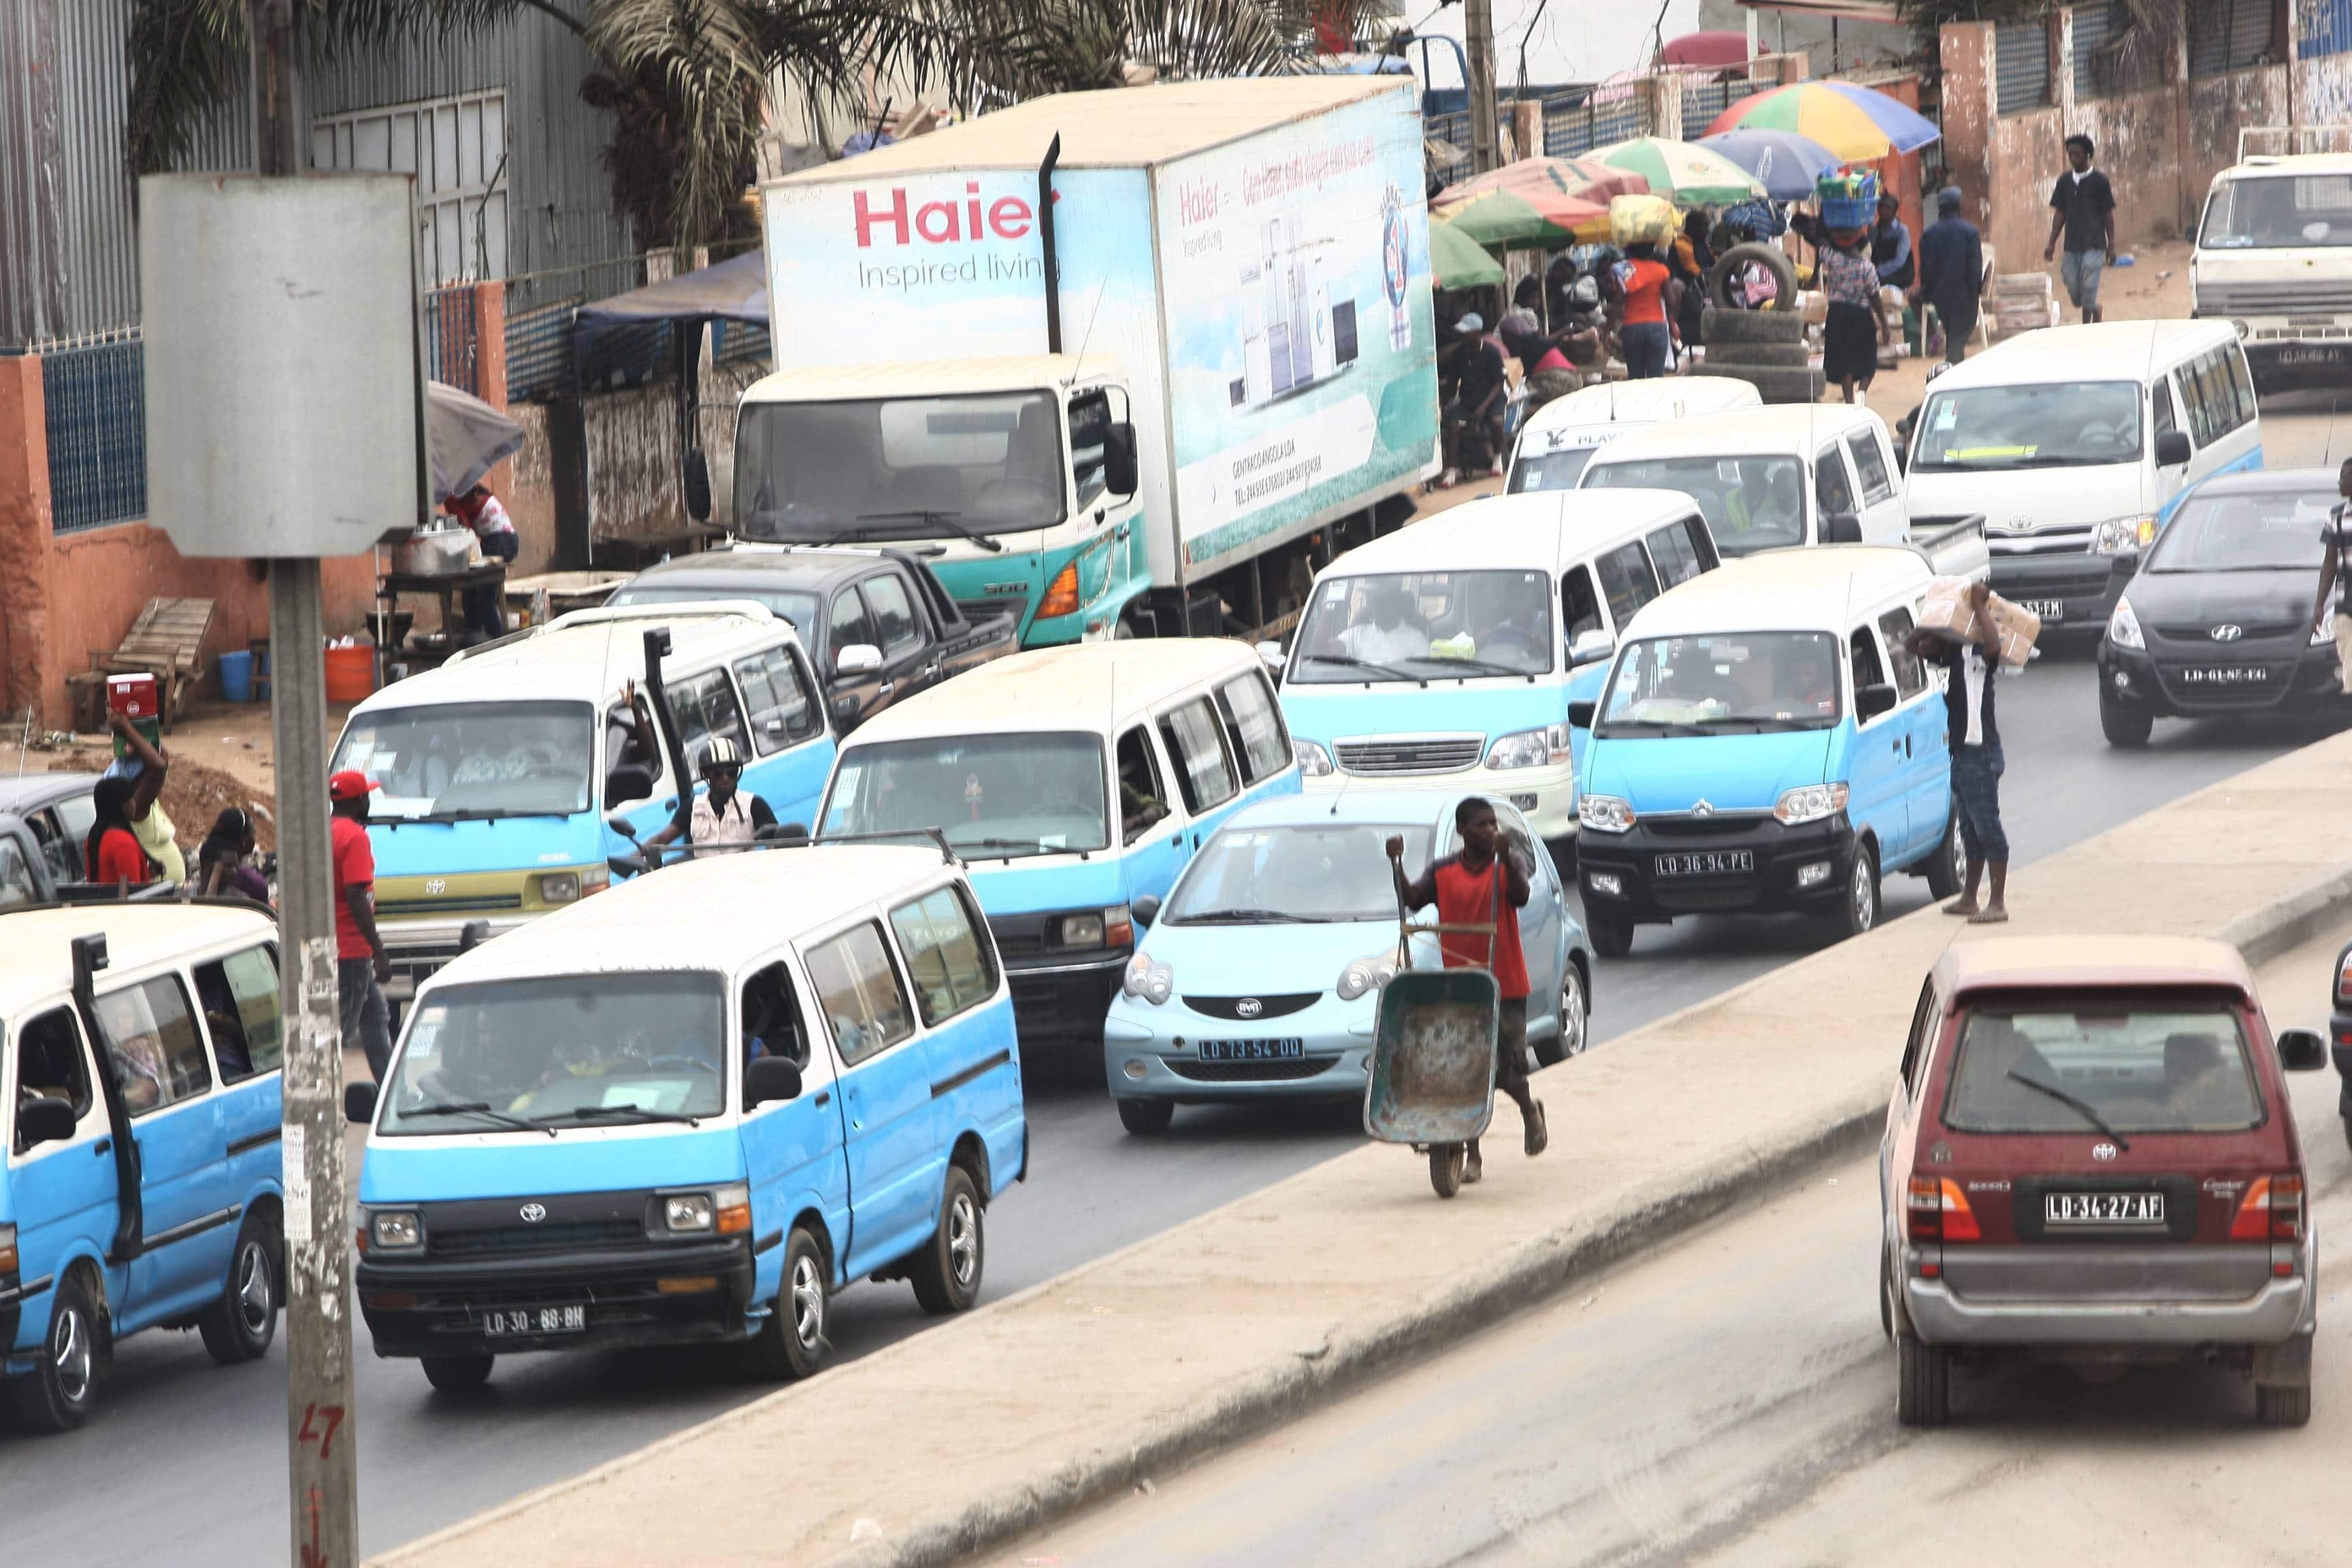 [object object] - Taxi em Luanda - Taxistas em Luanda alteram preço de corrida por alegada escassez de combustível